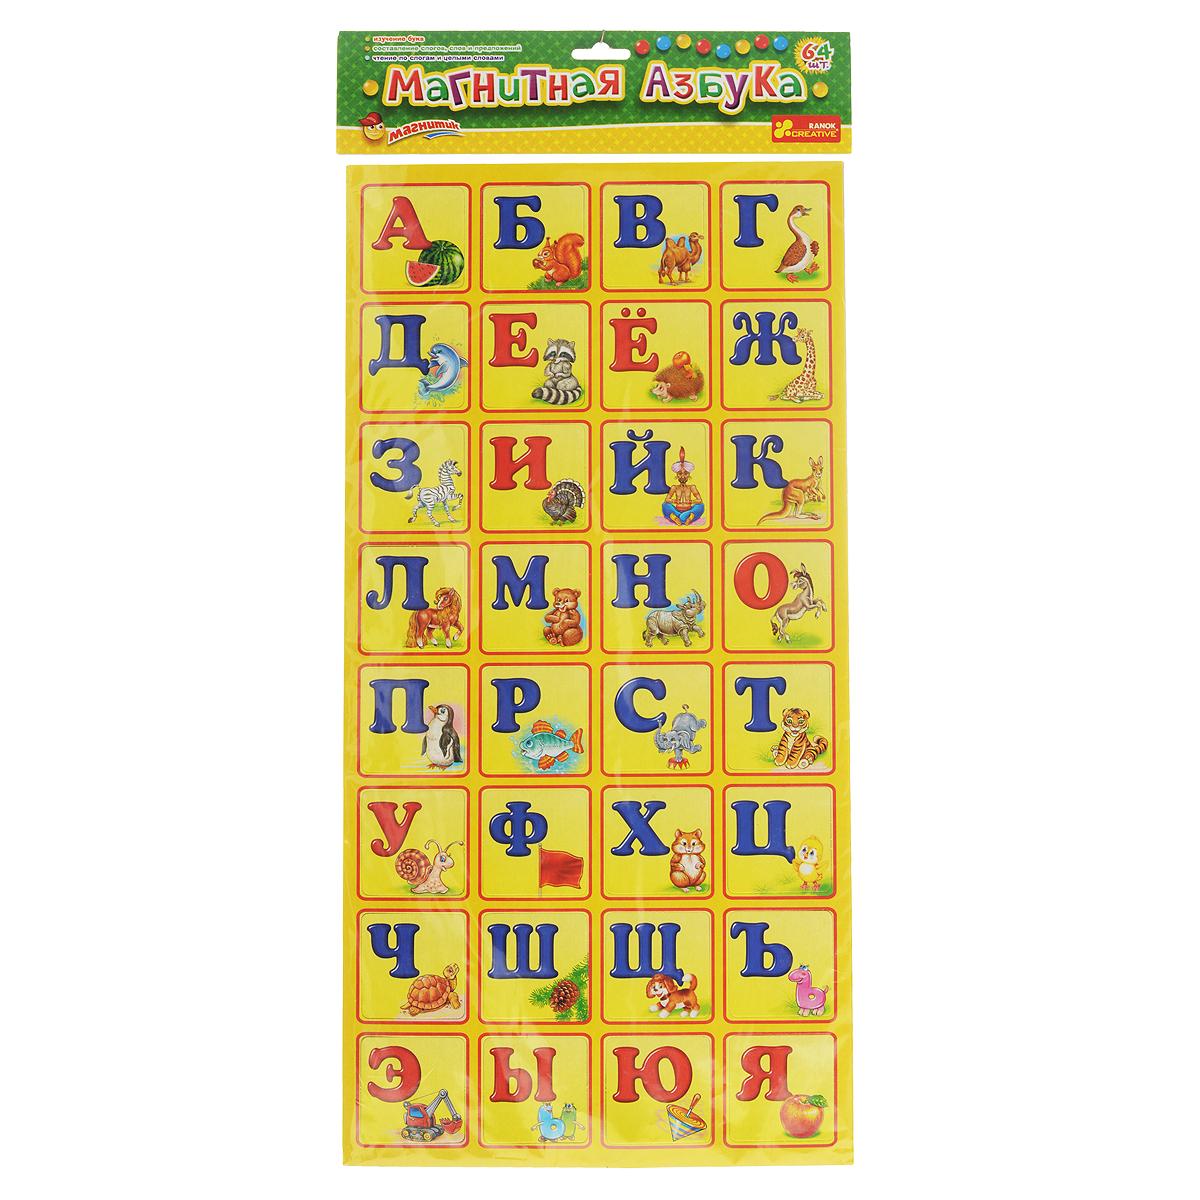 Магнитная азбука Магнитик, 64 шт4203Магнитная азбука Магнитик прекрасно подойдет для обучения и развития детей как дома, так и в детском саду или школе. Прикрепляя карточки на магнитах в желаемом порядке на стенке холодильника или на металлографе, ребенок получит знания и навыки, необходимые в дошкольном и младшем школьном возрасте. Магнитная азбука Магнитик включает: 64 карточки на магнитах с изображениями всех букв алфавита, животных, фруктов и овощей. Красным цветом в азбуке обозначены гласные звуки, а синим согласные. Набор содержит пособие, которое поможет родителям в игровой форме познакомить ребенка с алфавитом русского языка